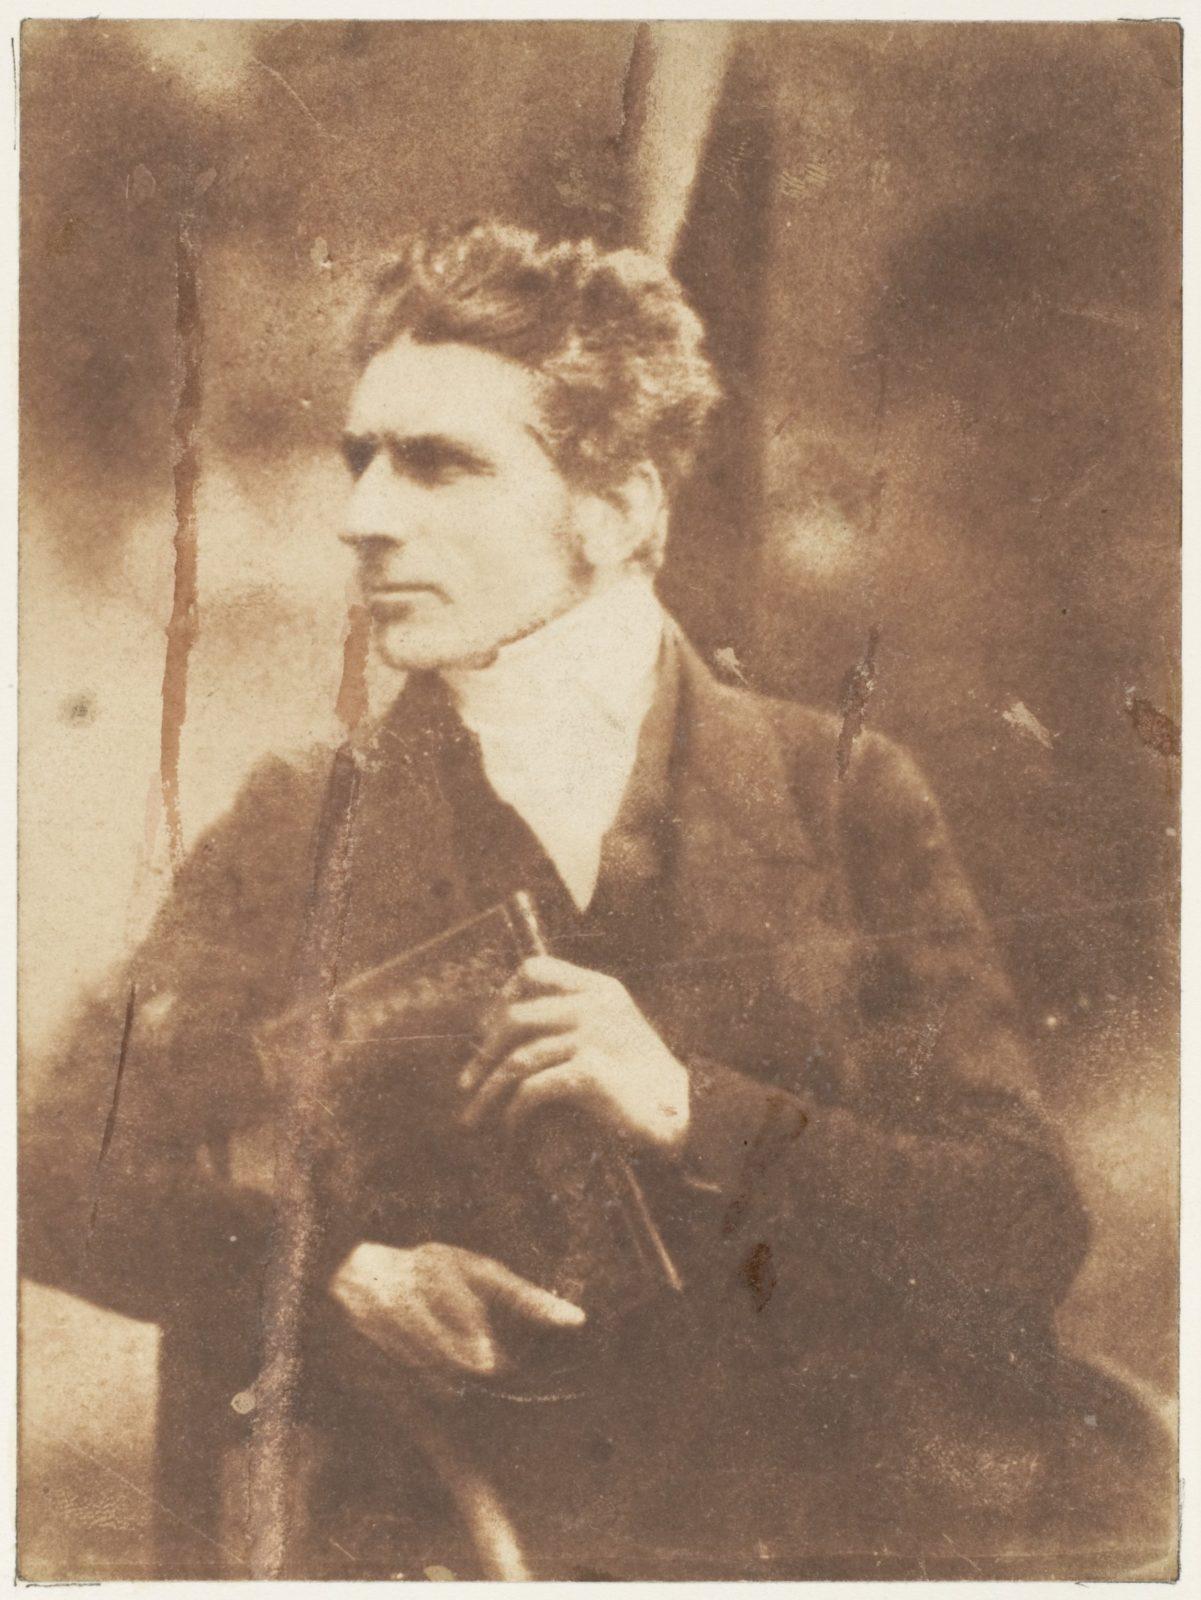 Rev. Charles John Brown